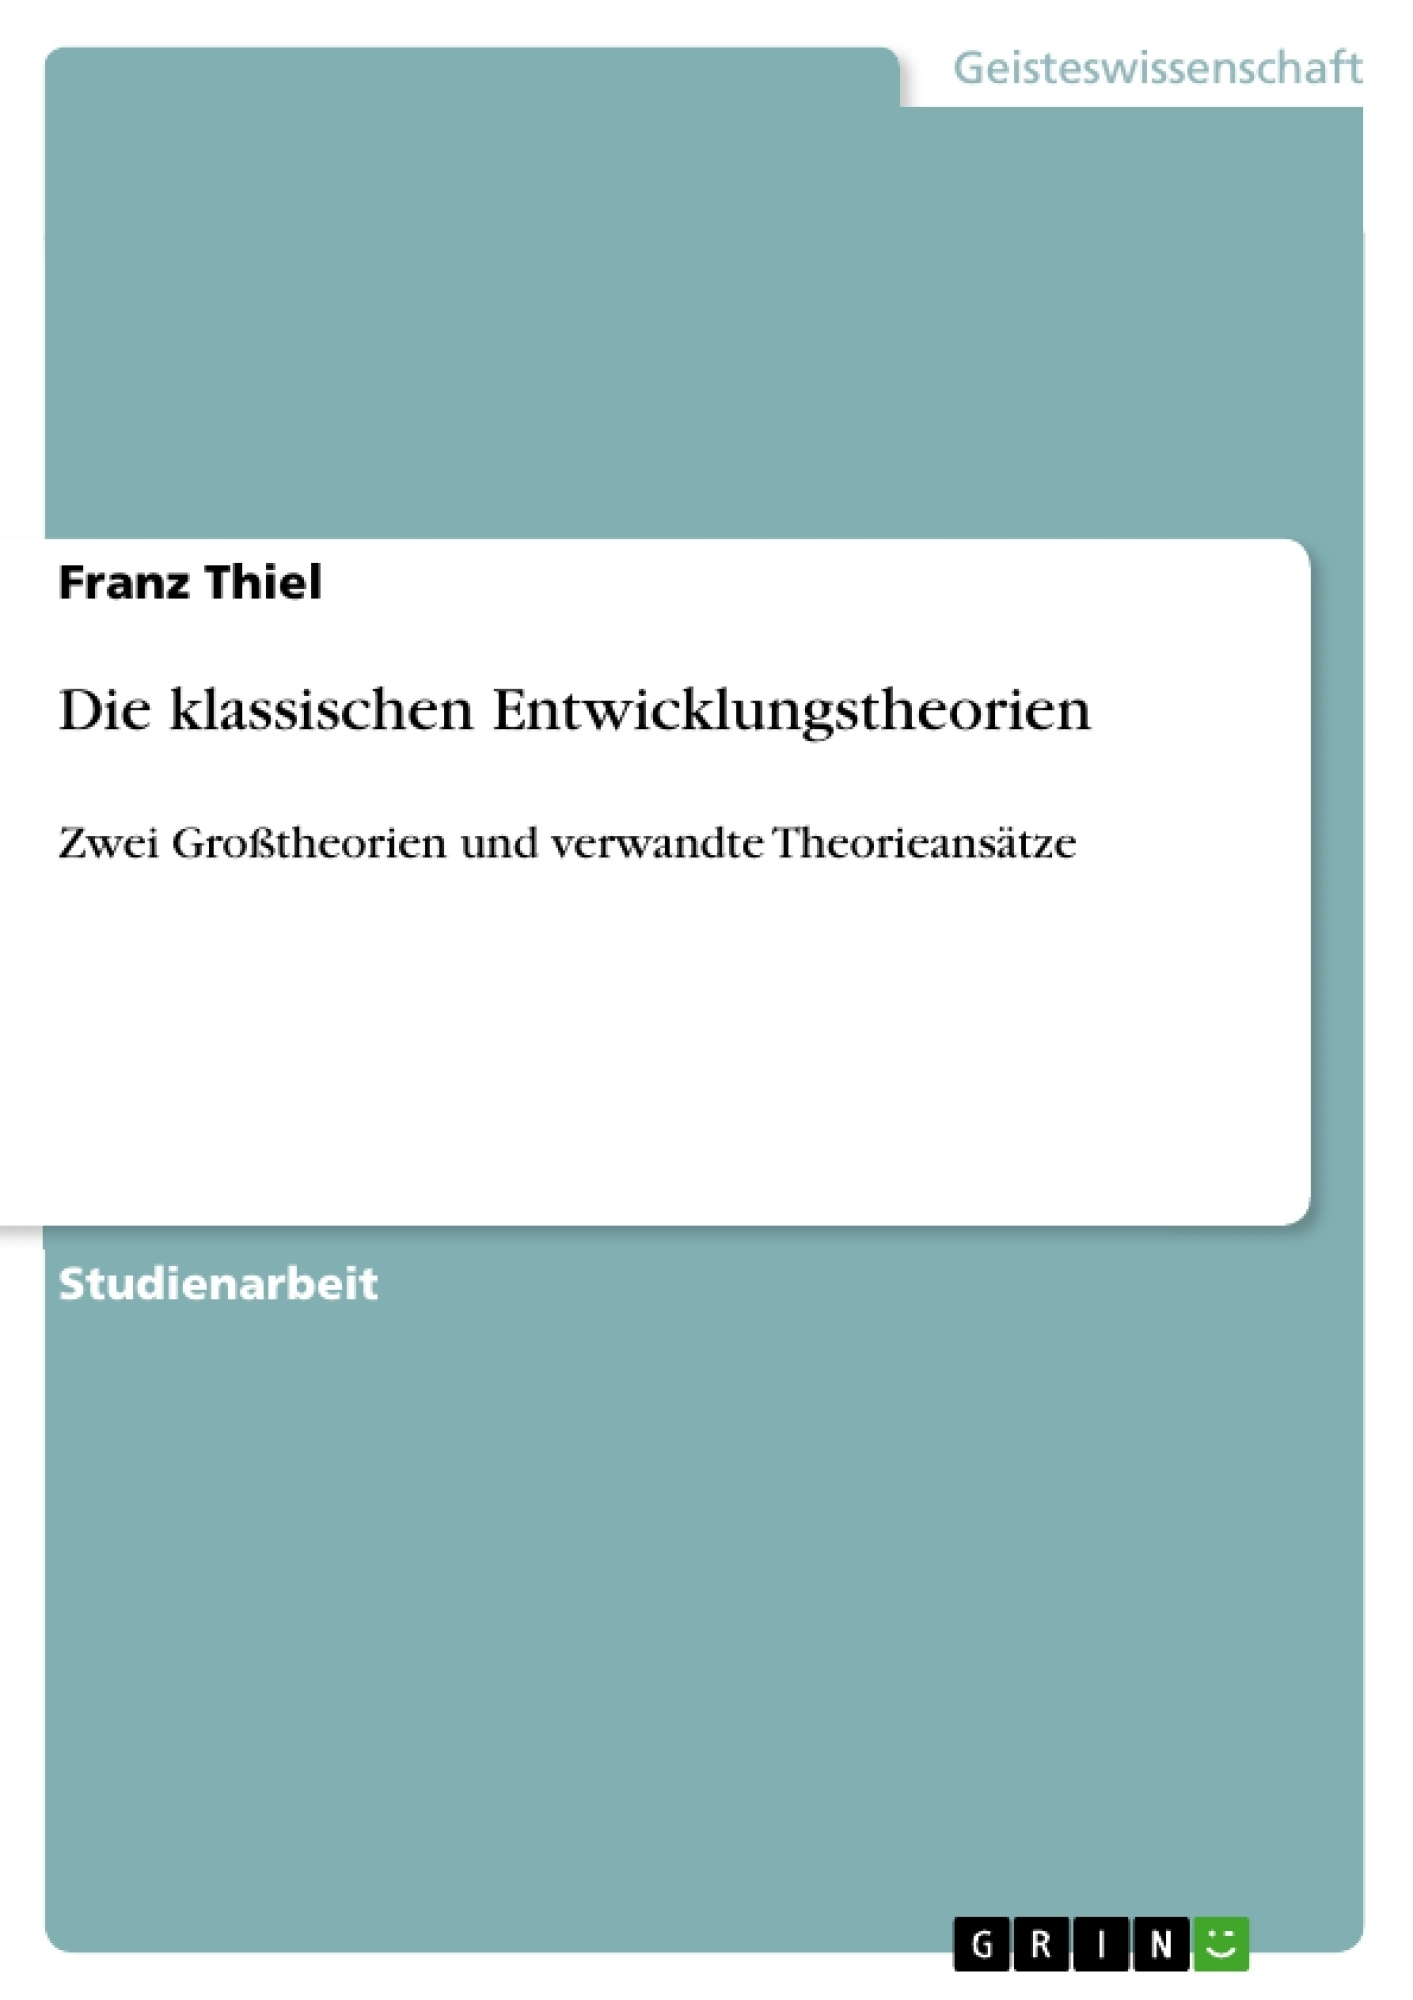 Titel: Die klassischen Entwicklungstheorien